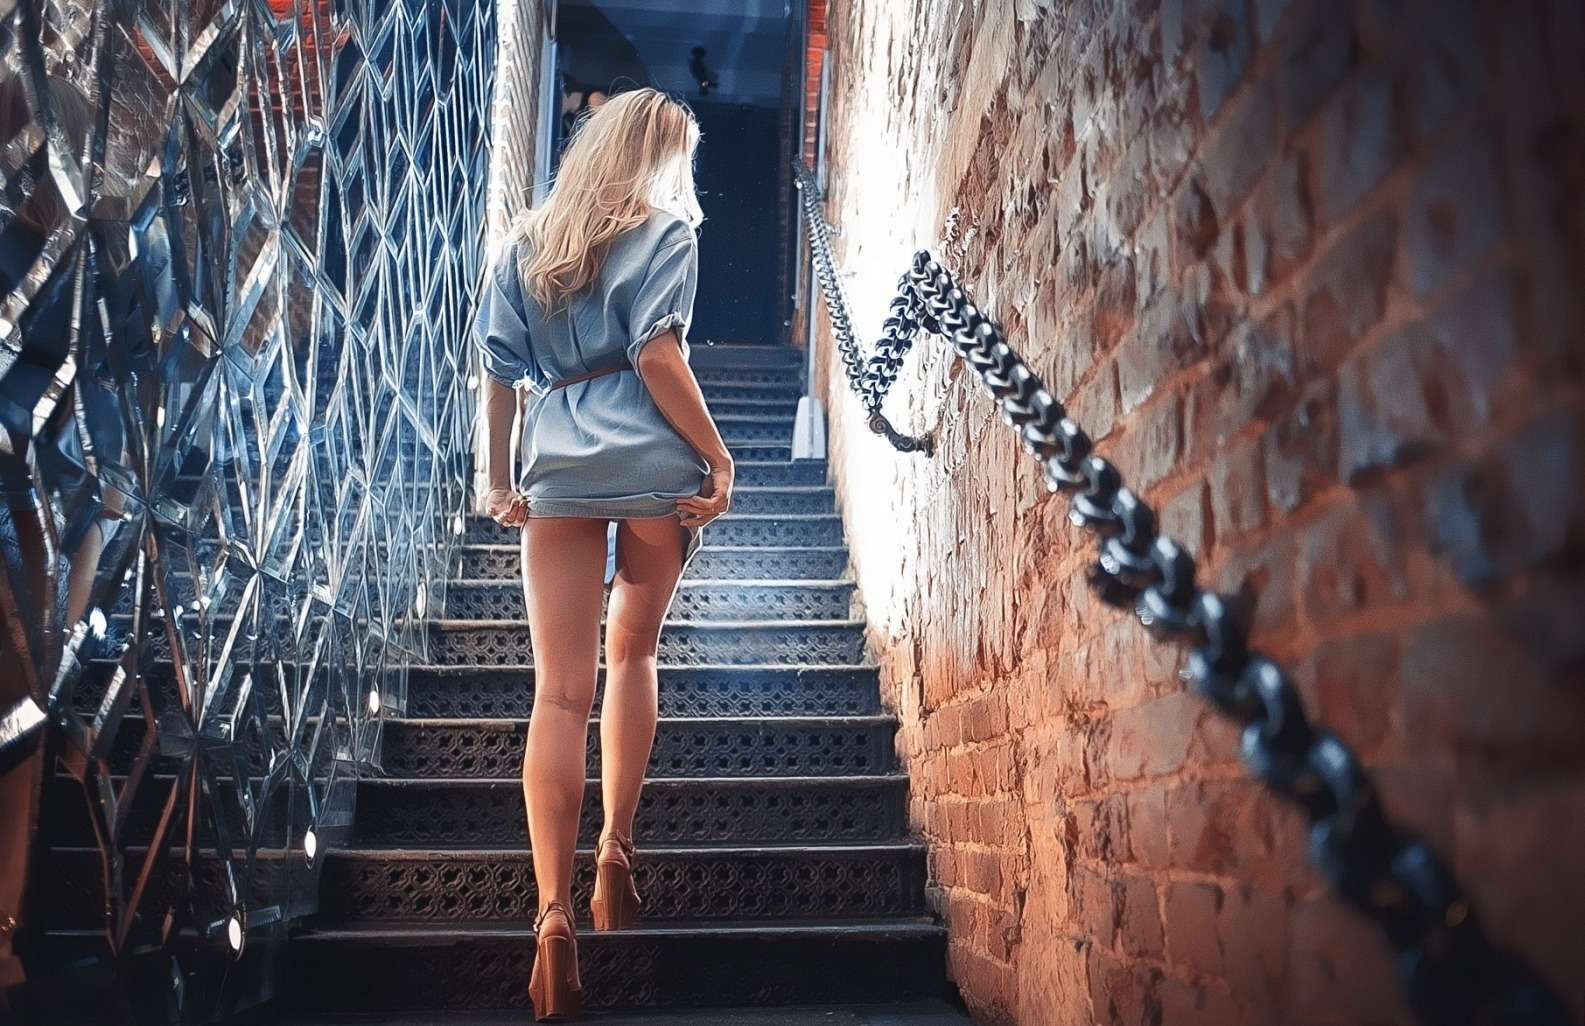 Покурить на лестницу в попу